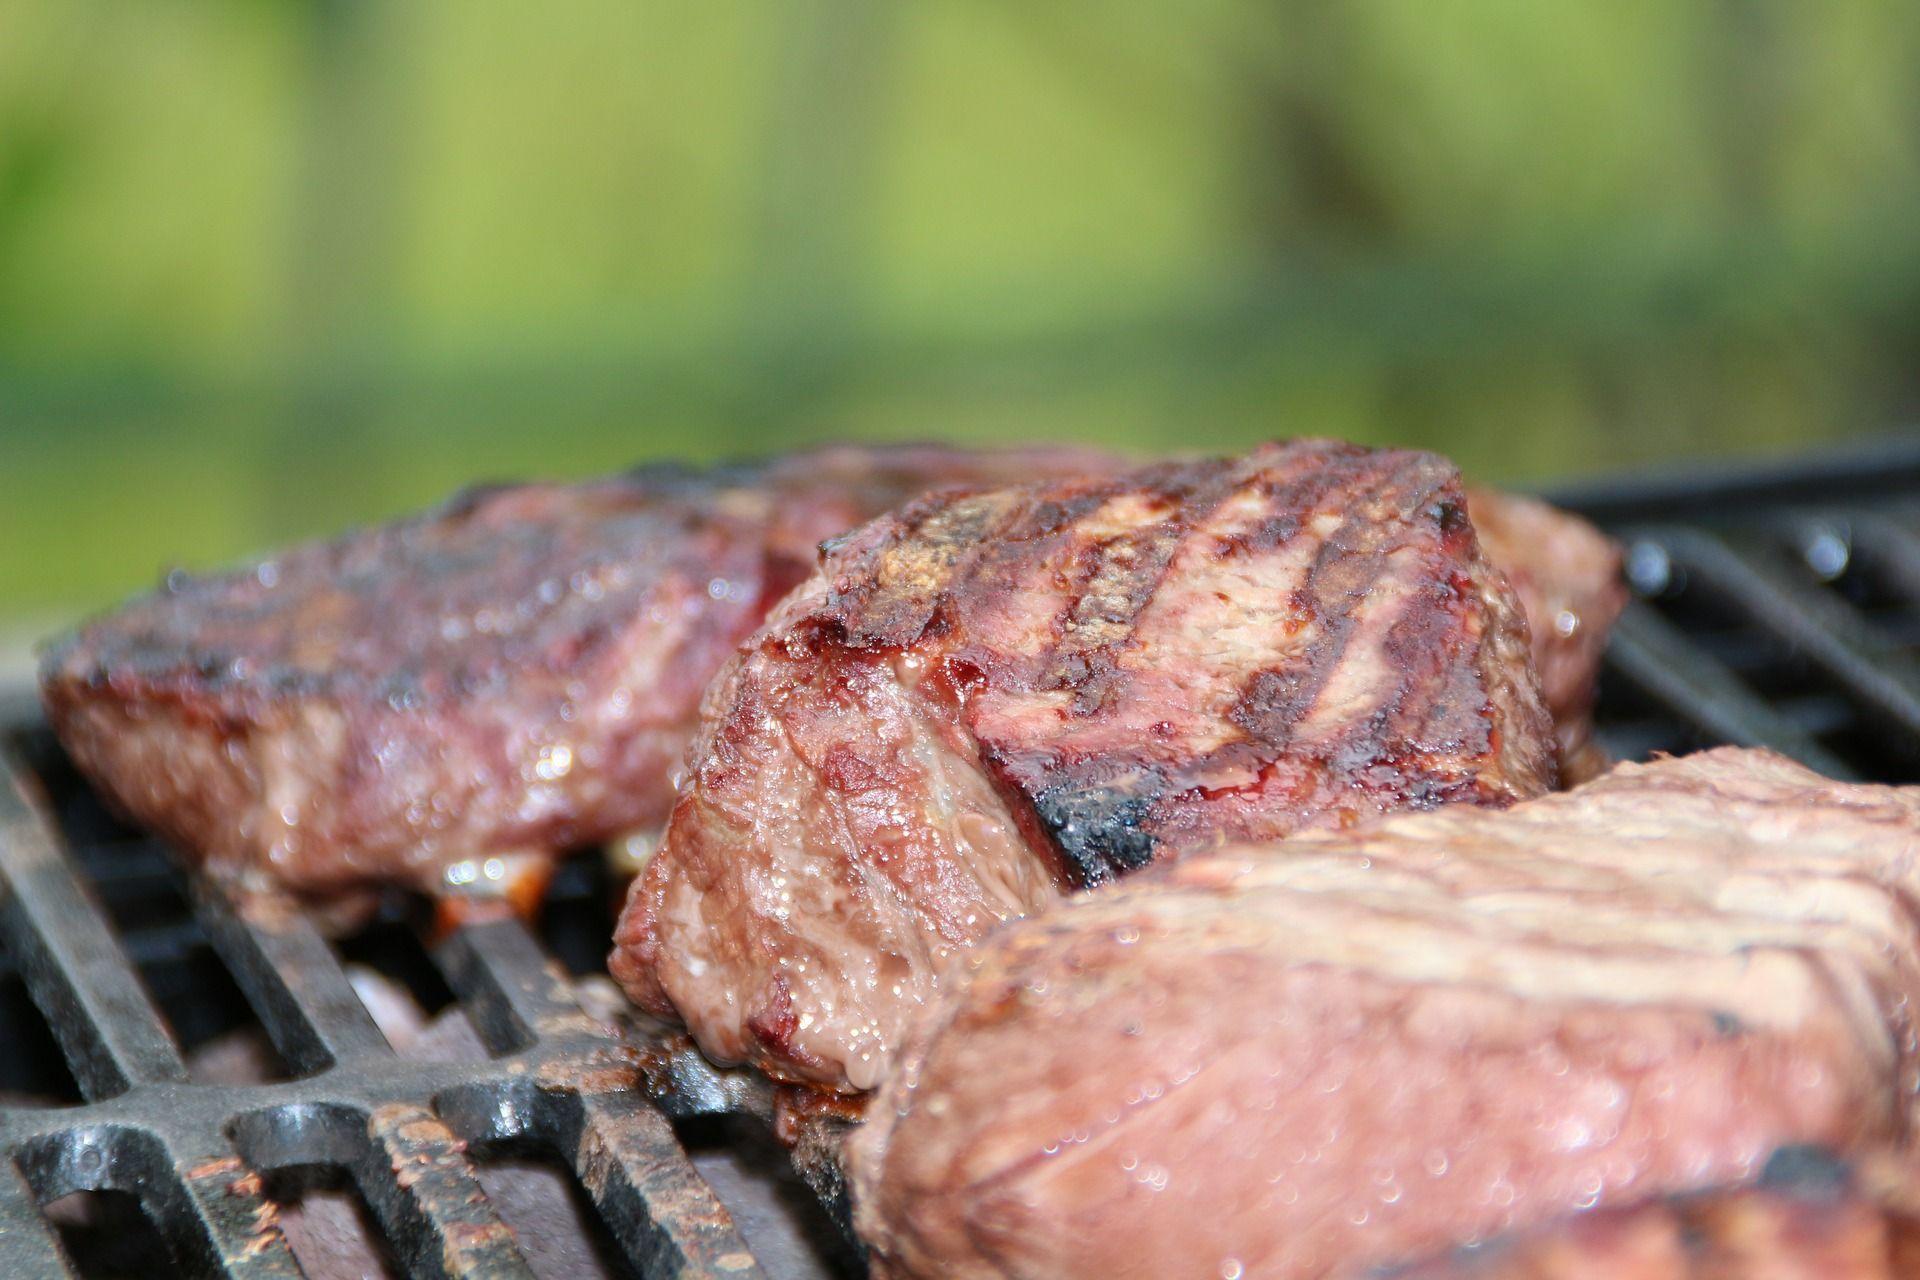 ormoni nella carne conseguenze negative salute